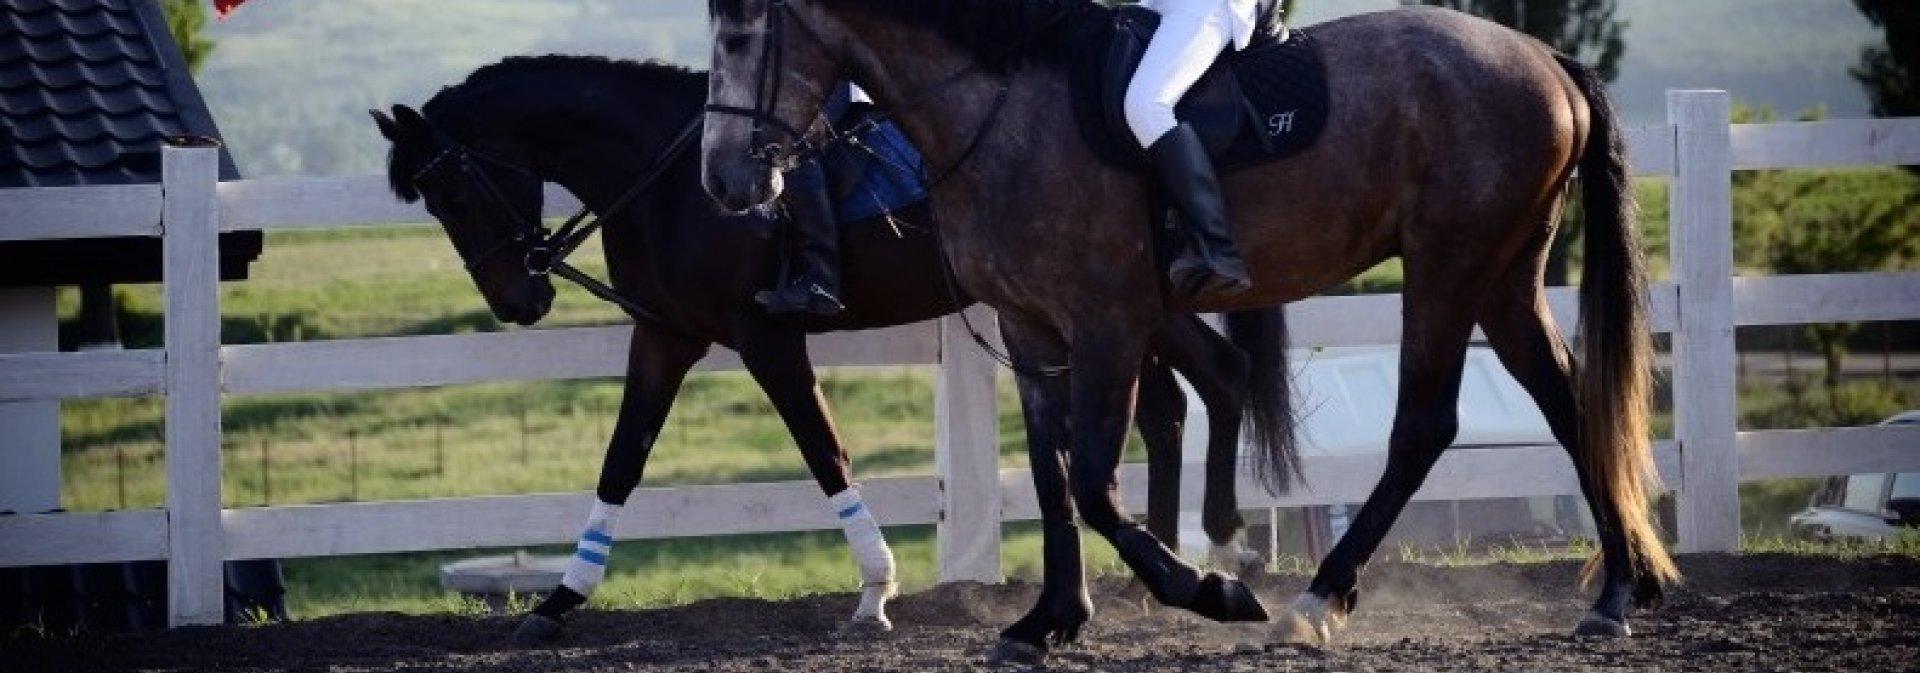 Equester, Voinești, Iași